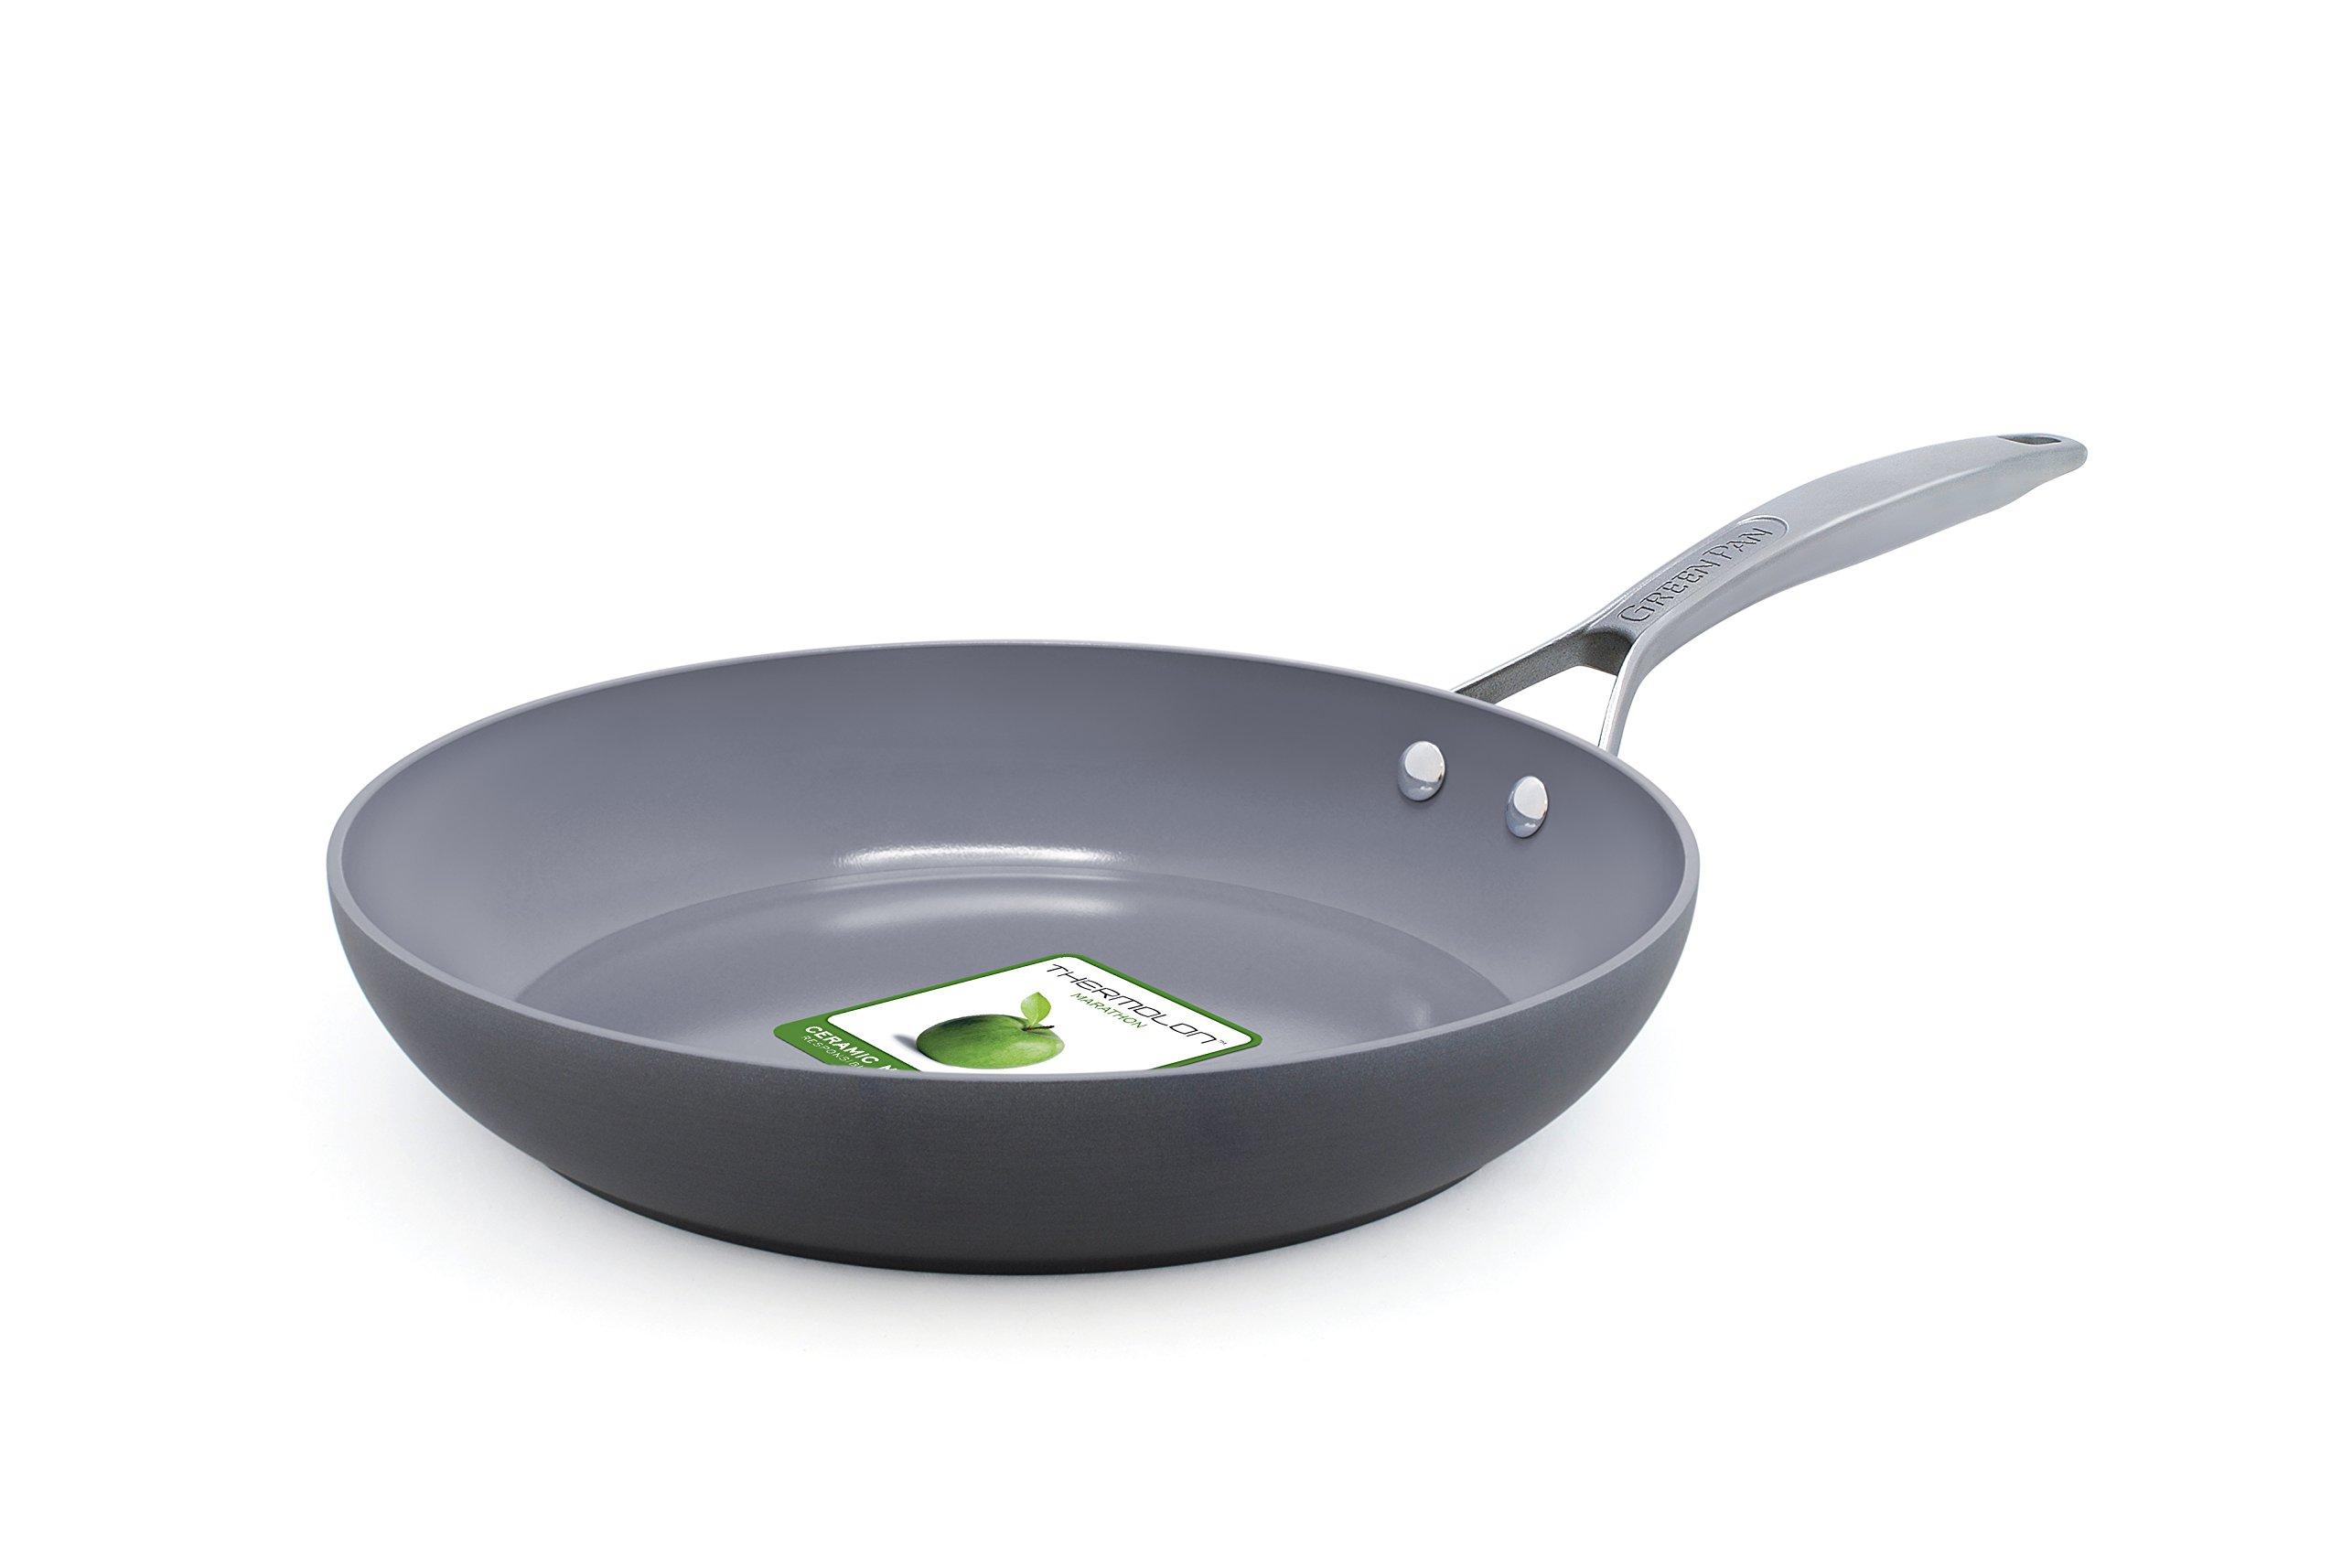 GreenPan CC000028-001 Paris 10 Inch Ceramic Non-Stick Fry Pan